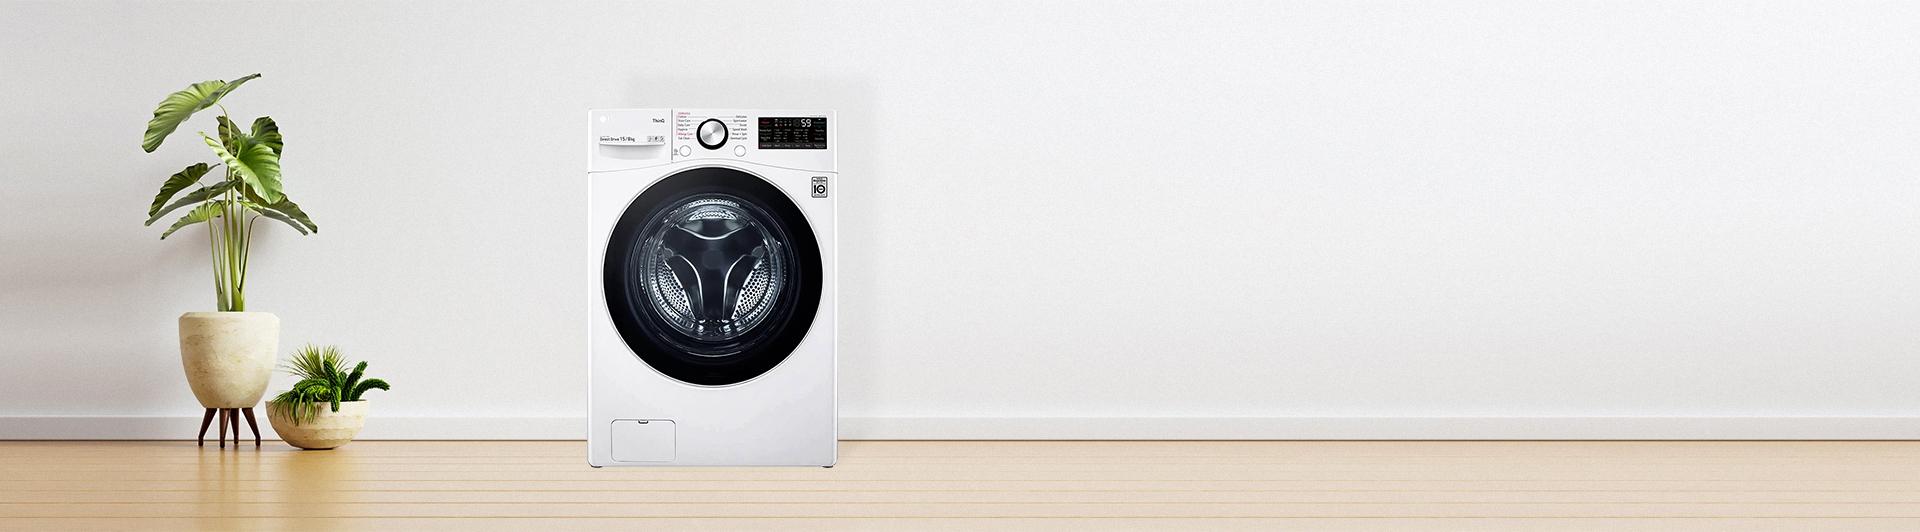 Máy giặt sấy LG Inverter 15 kg F2515RTGW